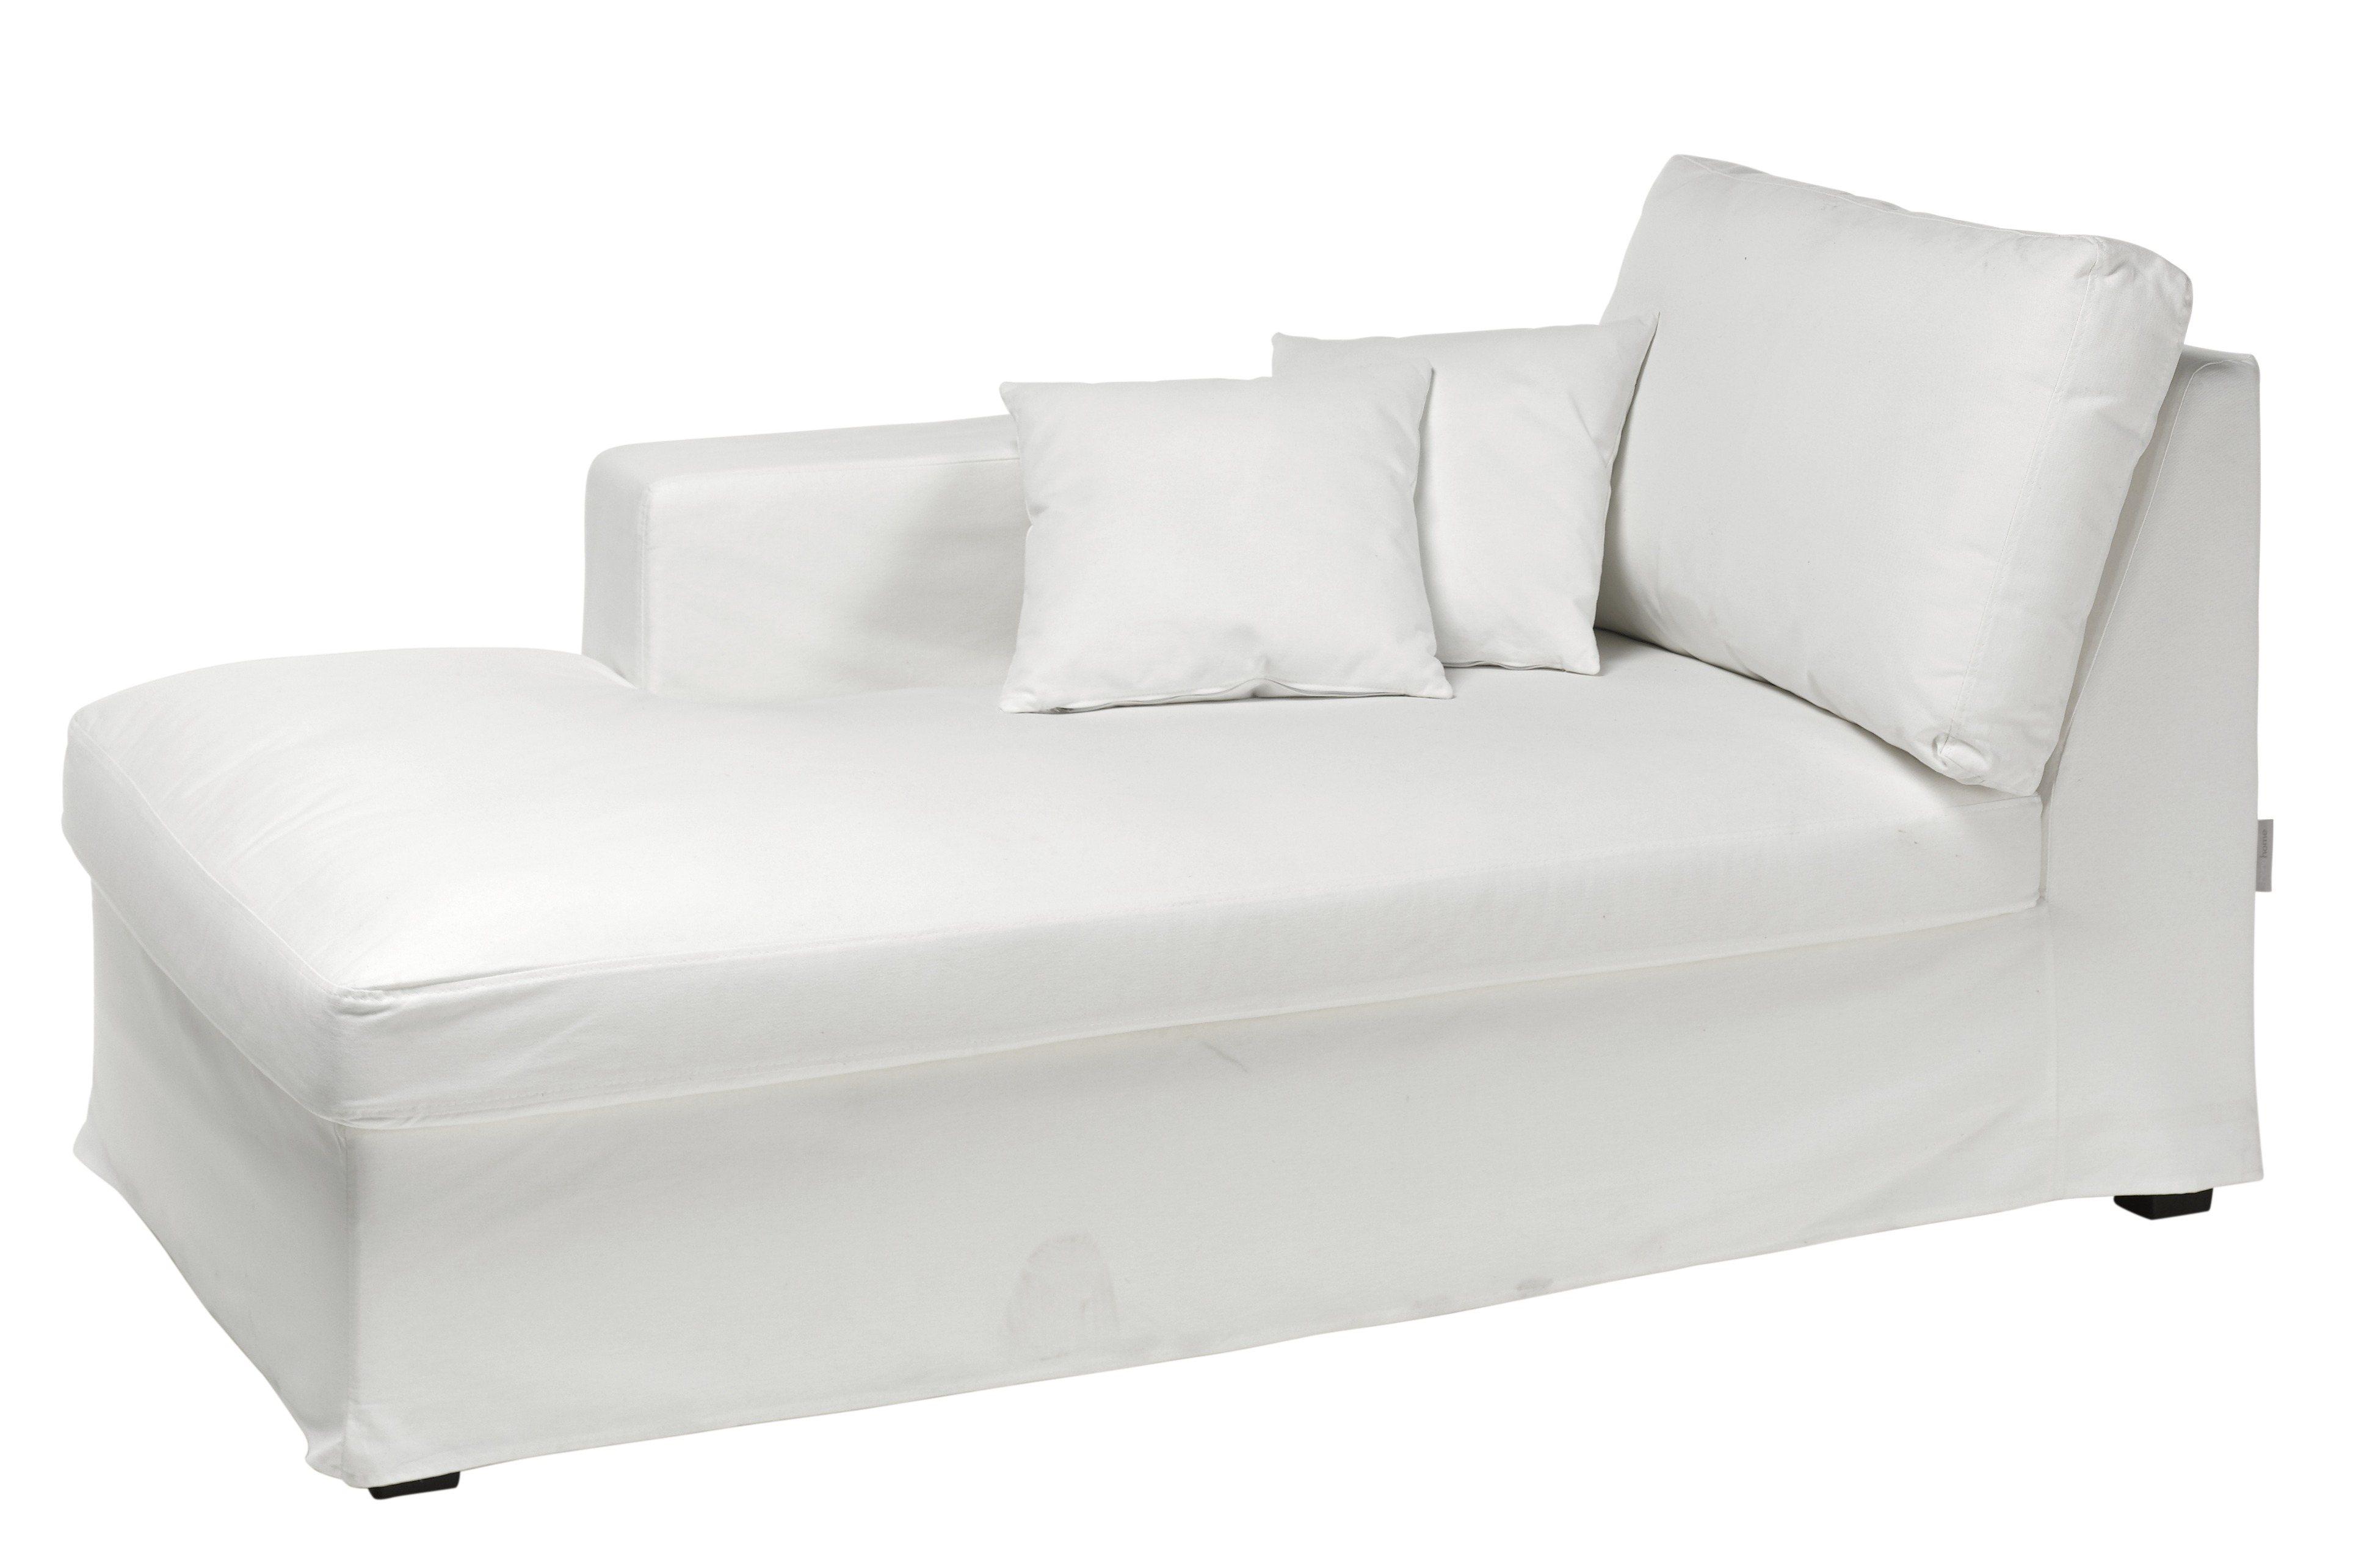 heine home Recamiere | Wohnzimmer > Sofas & Couches > Recamieren | Kunststoff | heine home